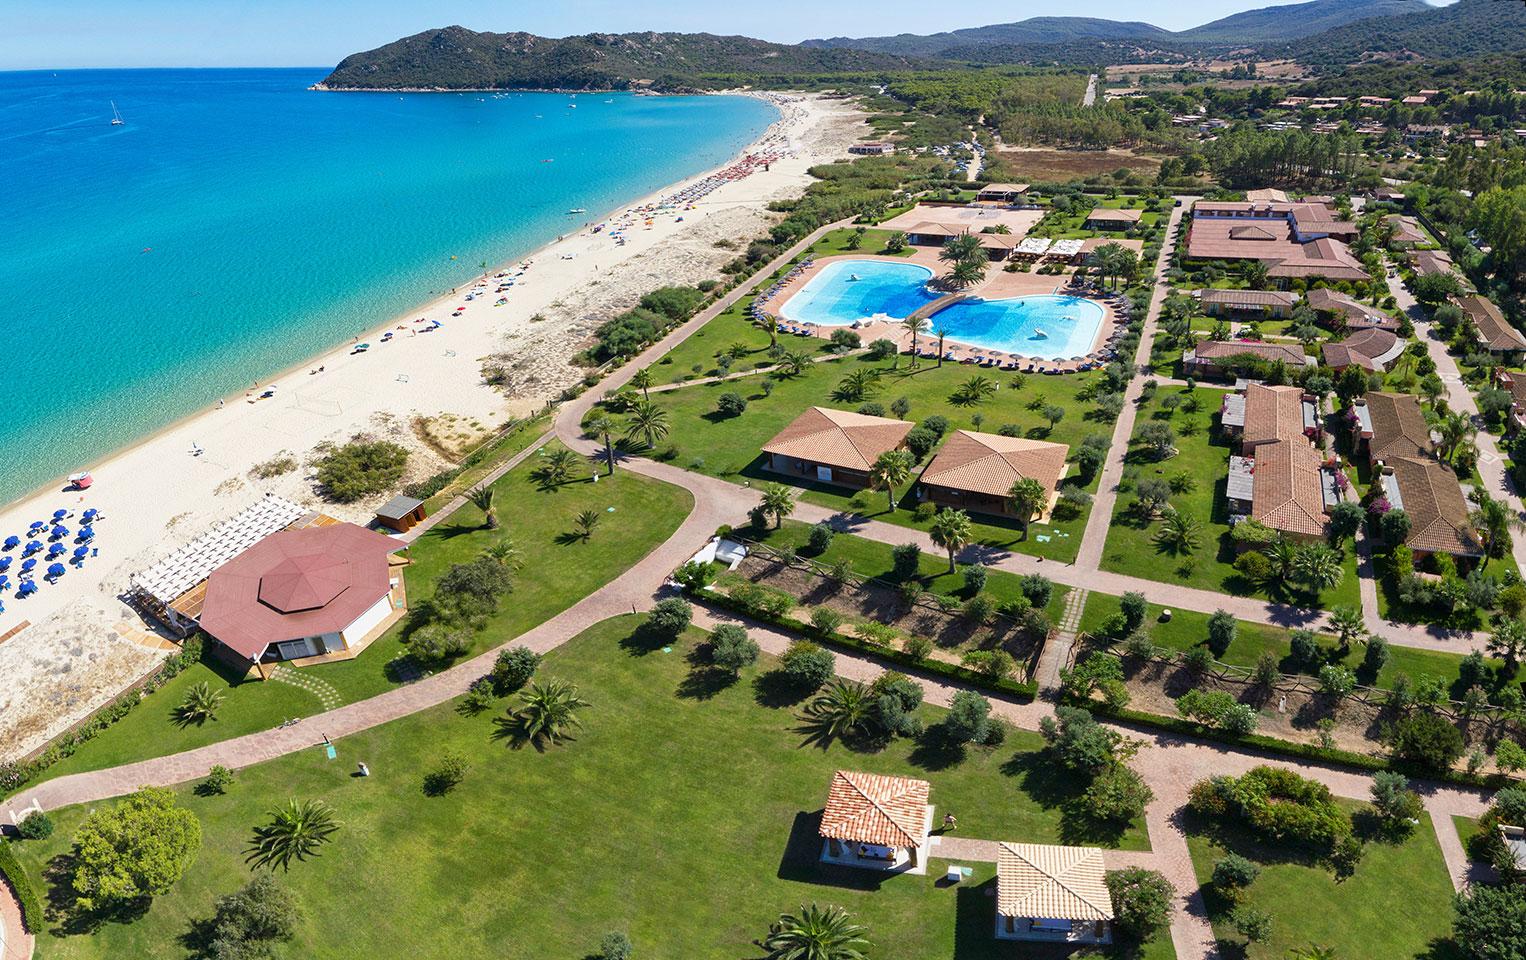 Hotel Garden Beach - Cala Sinzias - Castiadas - Sardinia, Italy ...